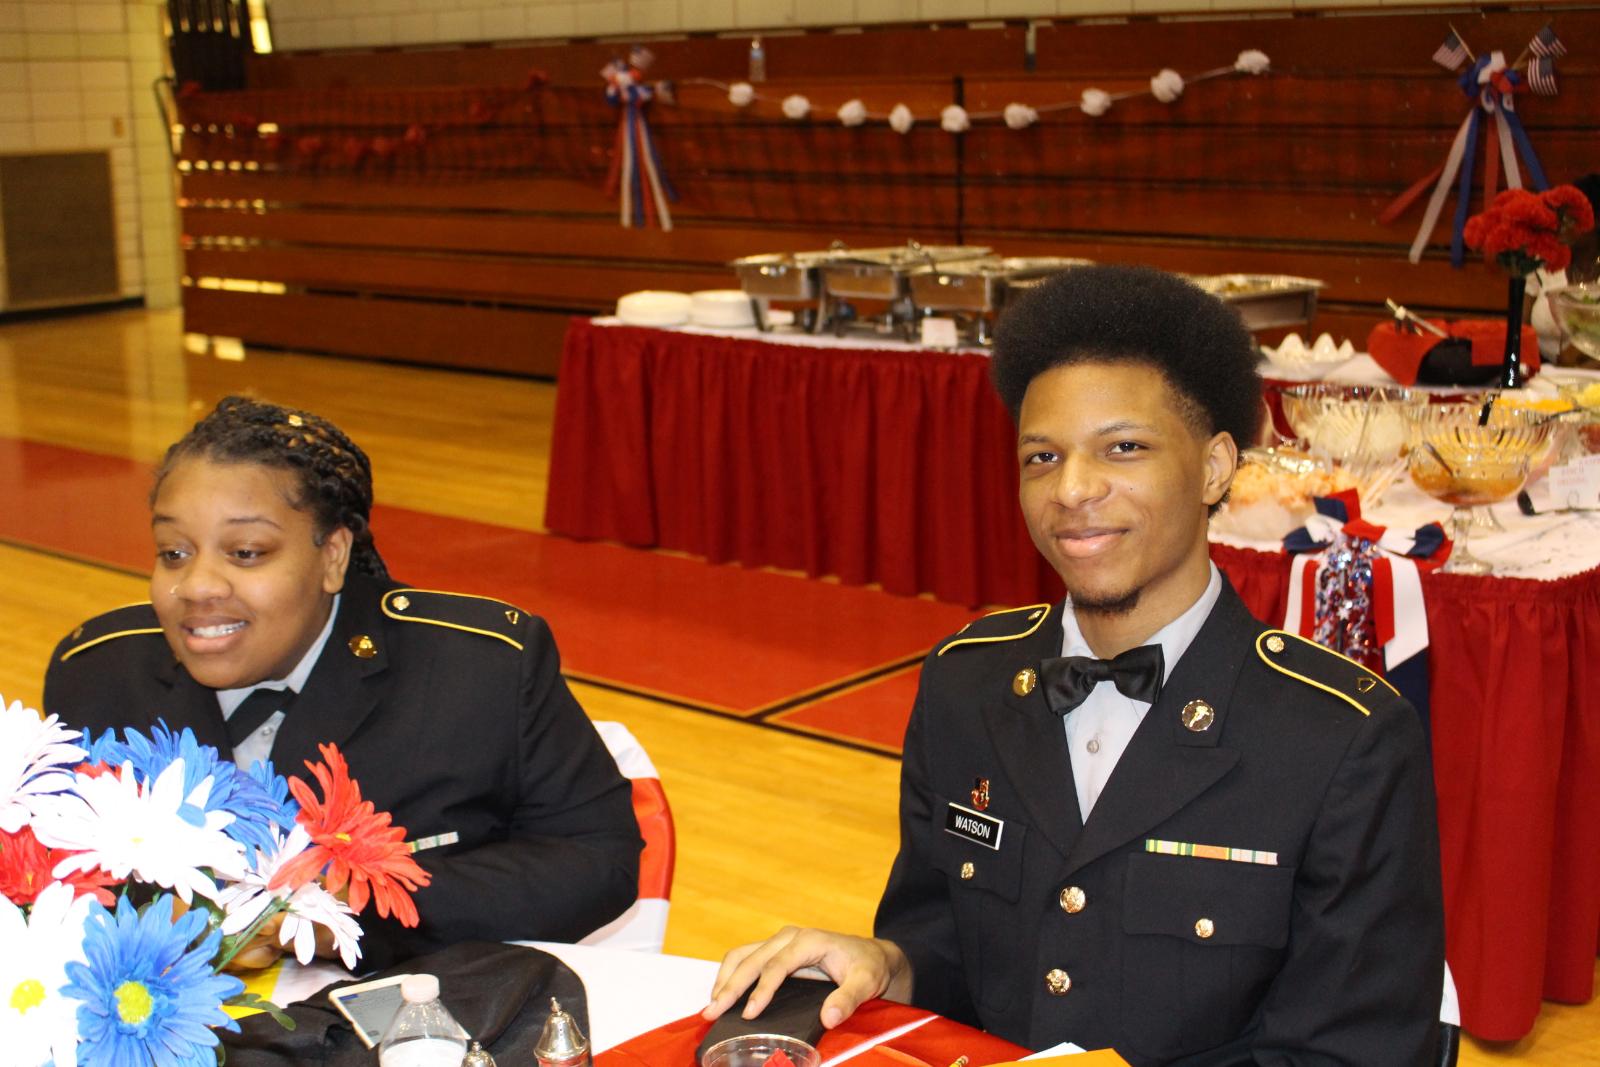 Glenville JROTC Host Military Ball